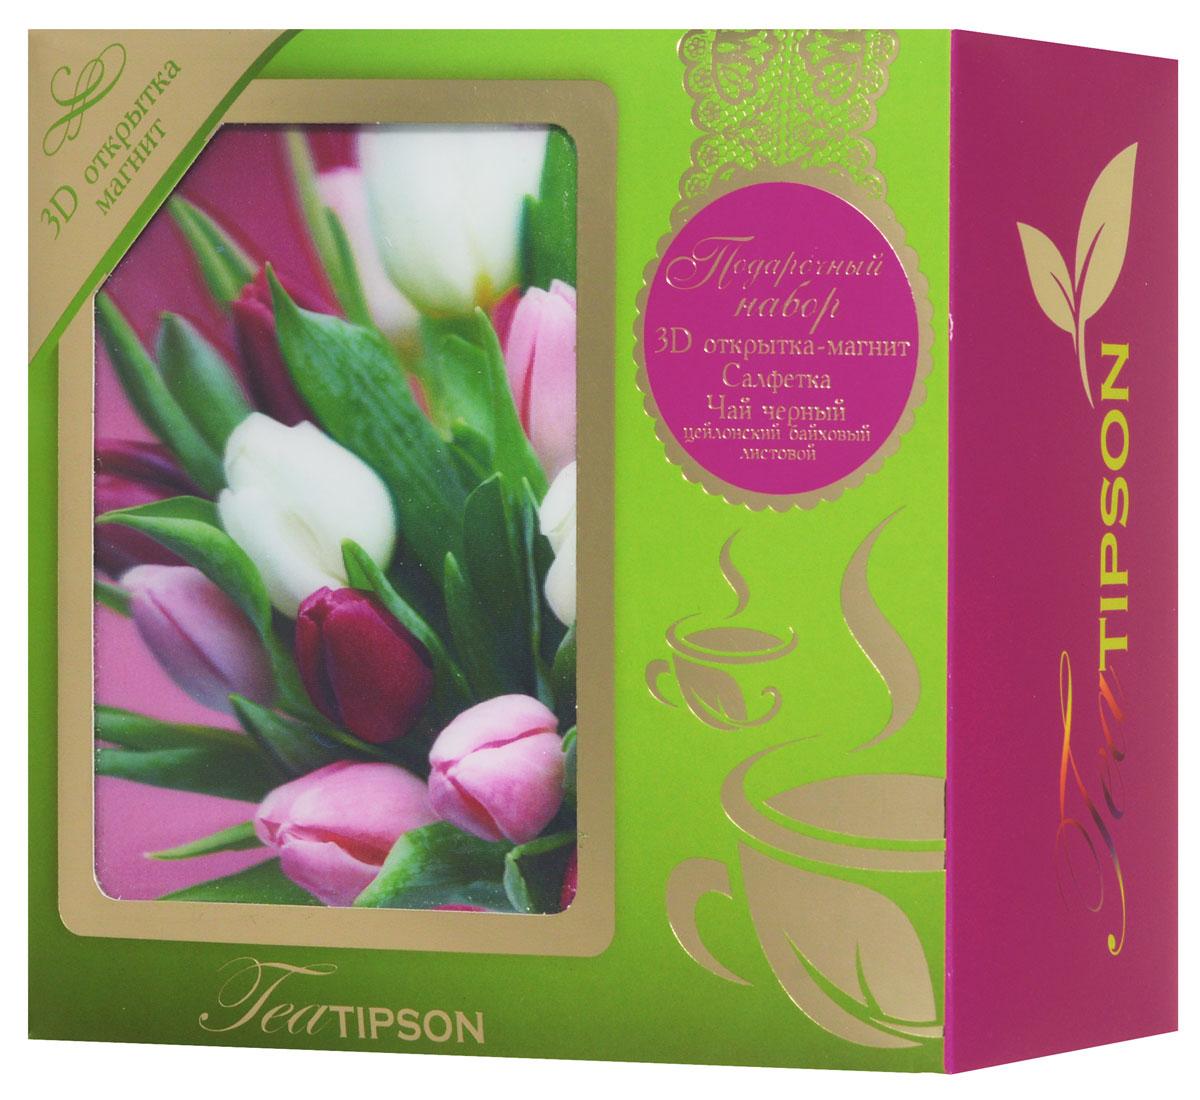 Tipson Подарочный набор Фиолетовый черный чай Ceylon №1 с 3D открыткой-магнитом и салфеткой для дома, 85 г10055-00Ищите подарок любимой хозяюшке? Подарите чайный набор Tipson Фиолетовый в красочной упаковке из дизайнерского картона. В комплект с упаковкой традиционного чая Tipson Ceylon №1 входит очень нужная в каждом доме яркая салфетка из 100% хлопка, а также яркая, переливающаяся 3D-открытка, которую можно повесить на холодильник и которая будет напоминать о вас круглый год. Чайный набор Tipson - это прекрасный вкусный черный чай и милые сердцу вещицы. Размер салфетки: 30 см х 30 см Материал салфетки: 100% хлопок Размер 3D-открытки: 12 см х 15,5 см